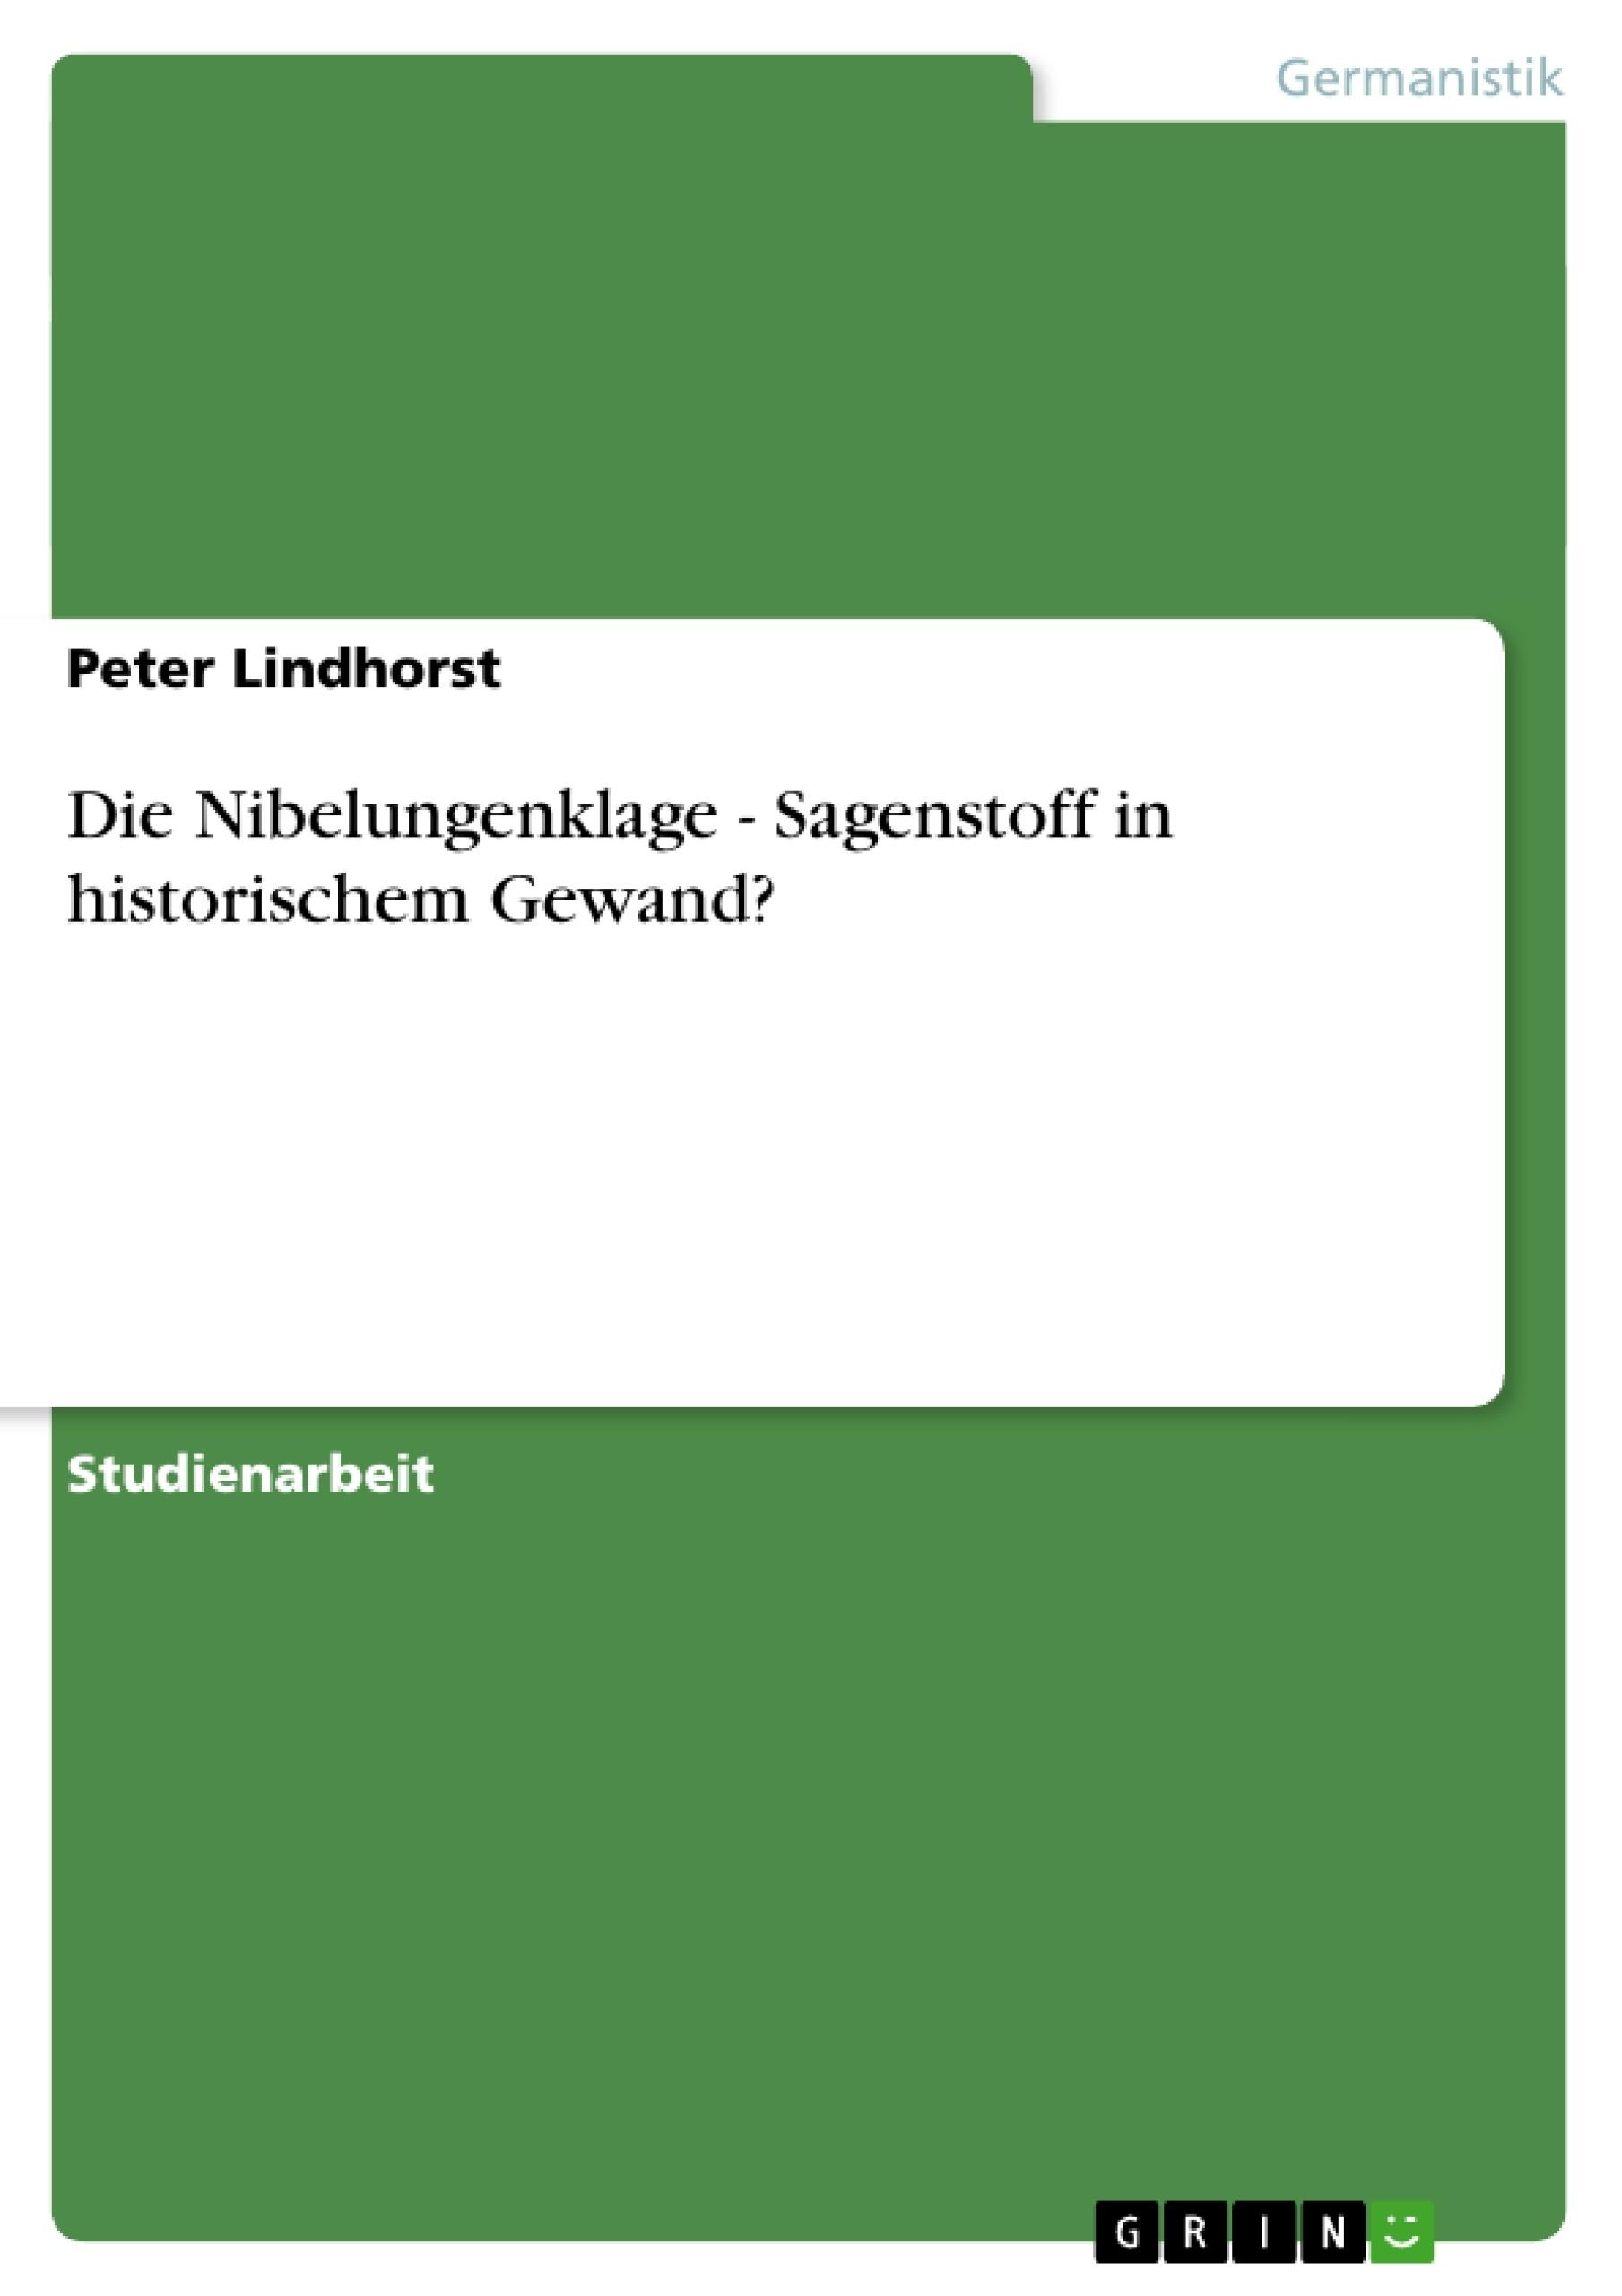 Titel: Die Nibelungenklage - Sagenstoff in historischem Gewand?